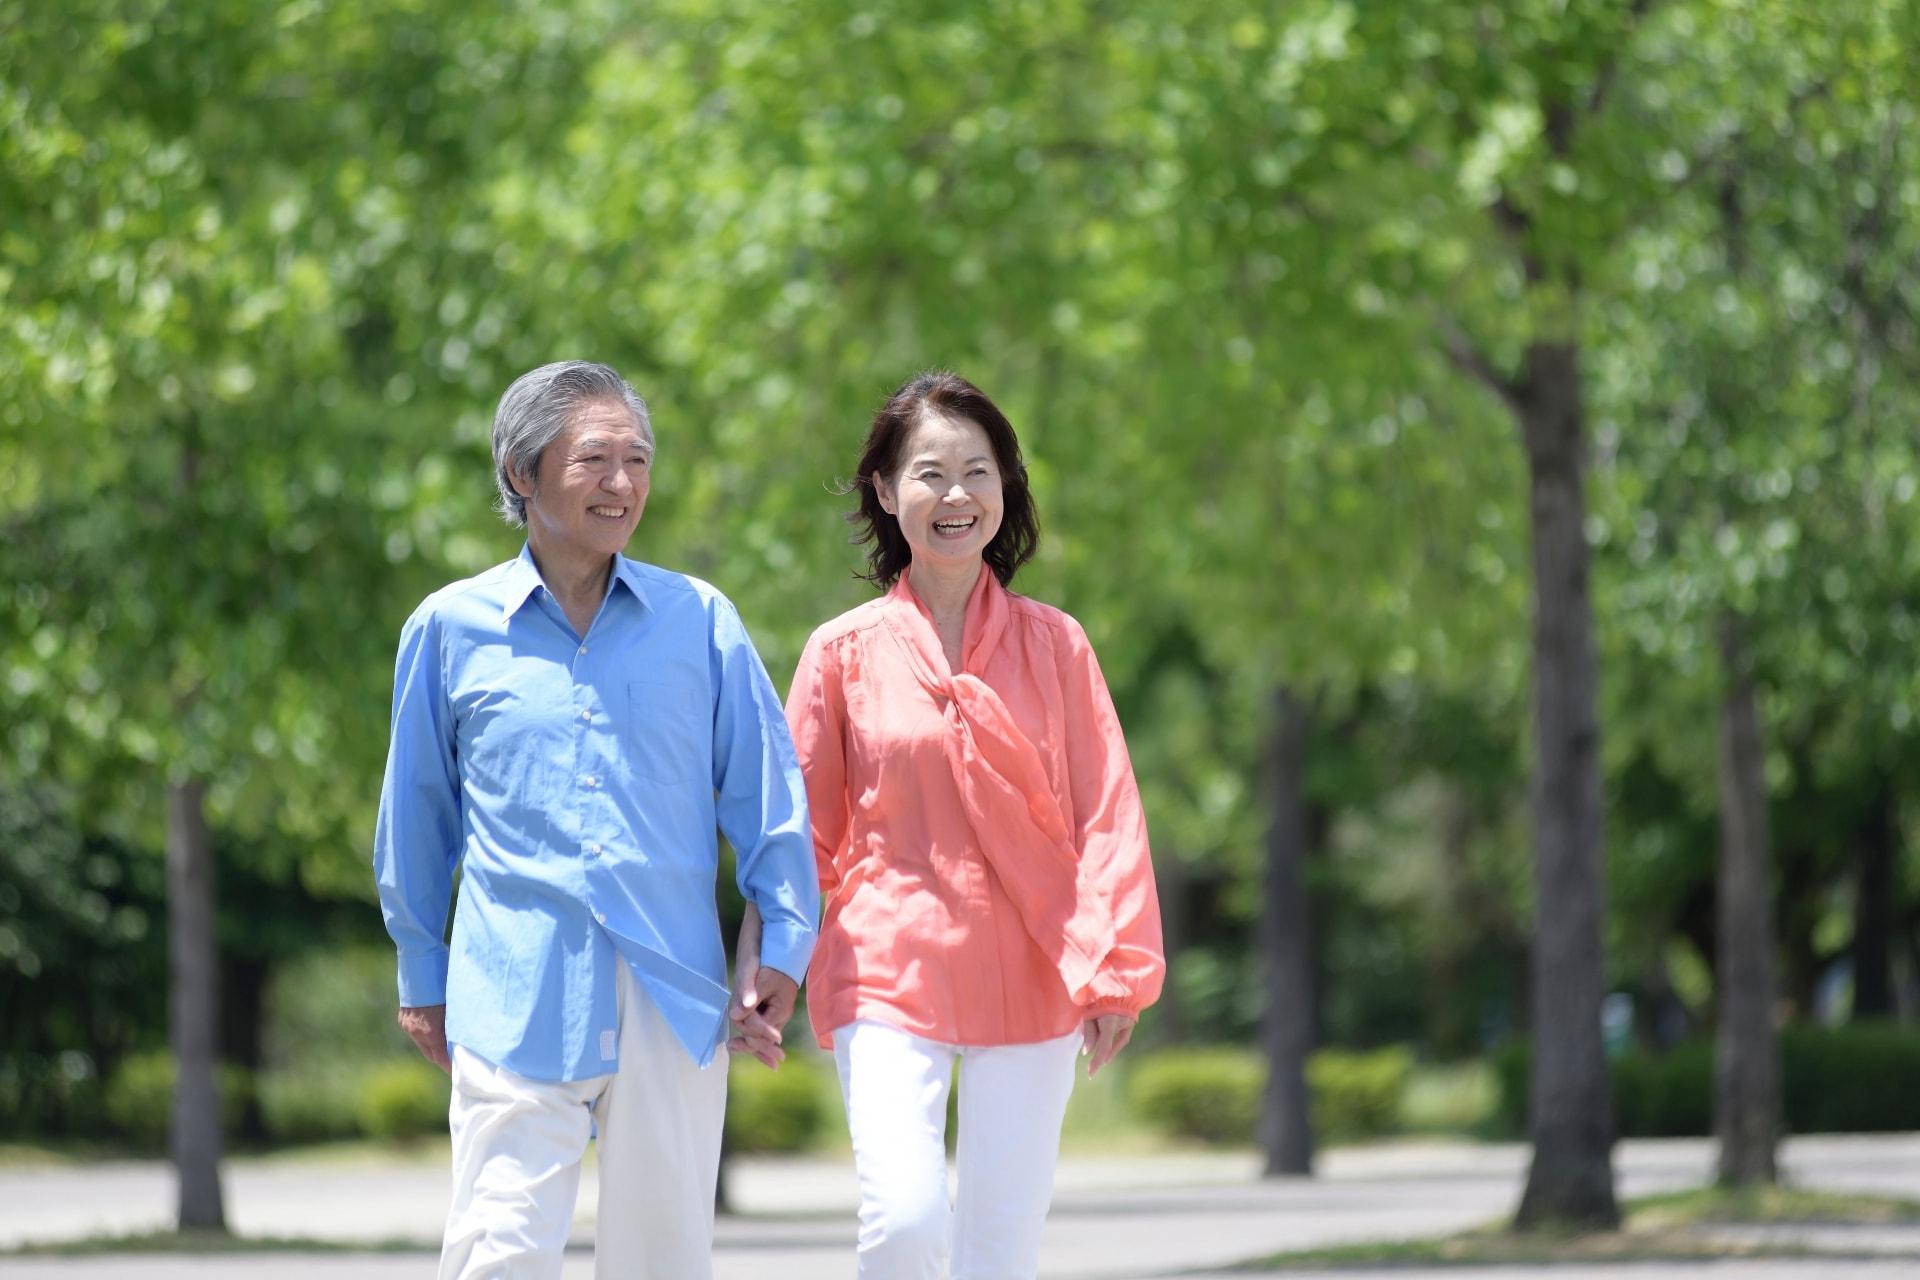 【シニアの婚活】シニア向けの結婚相談所を利用する準備